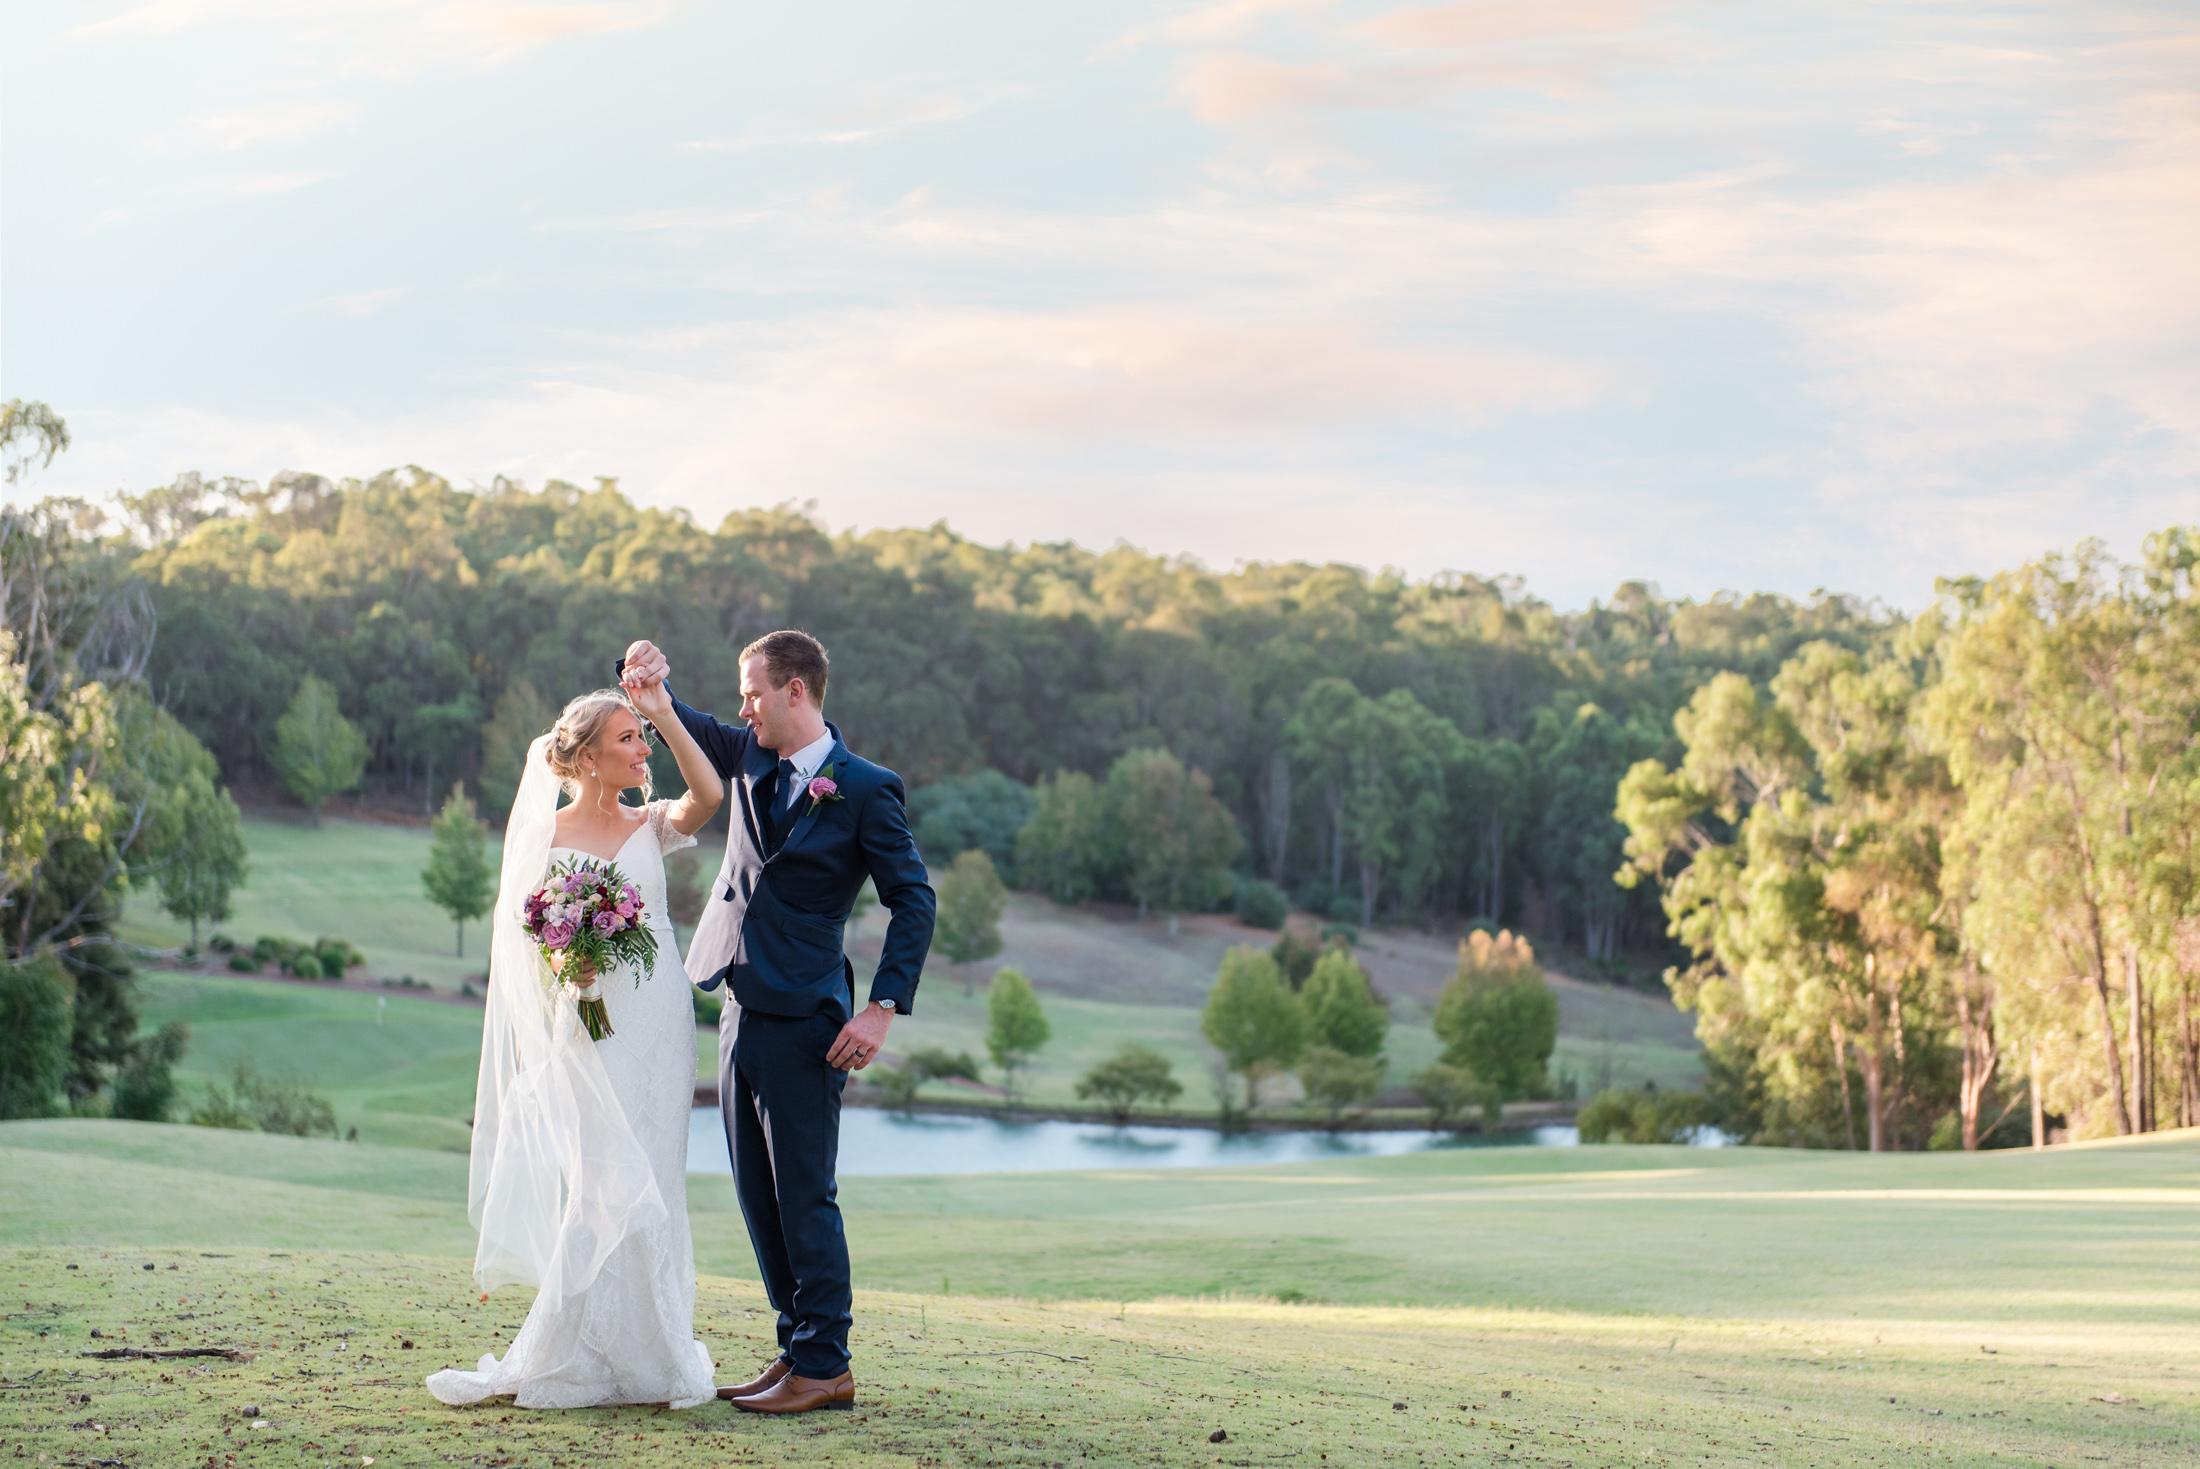 Wedding Portrait at Araluen Golf Resort